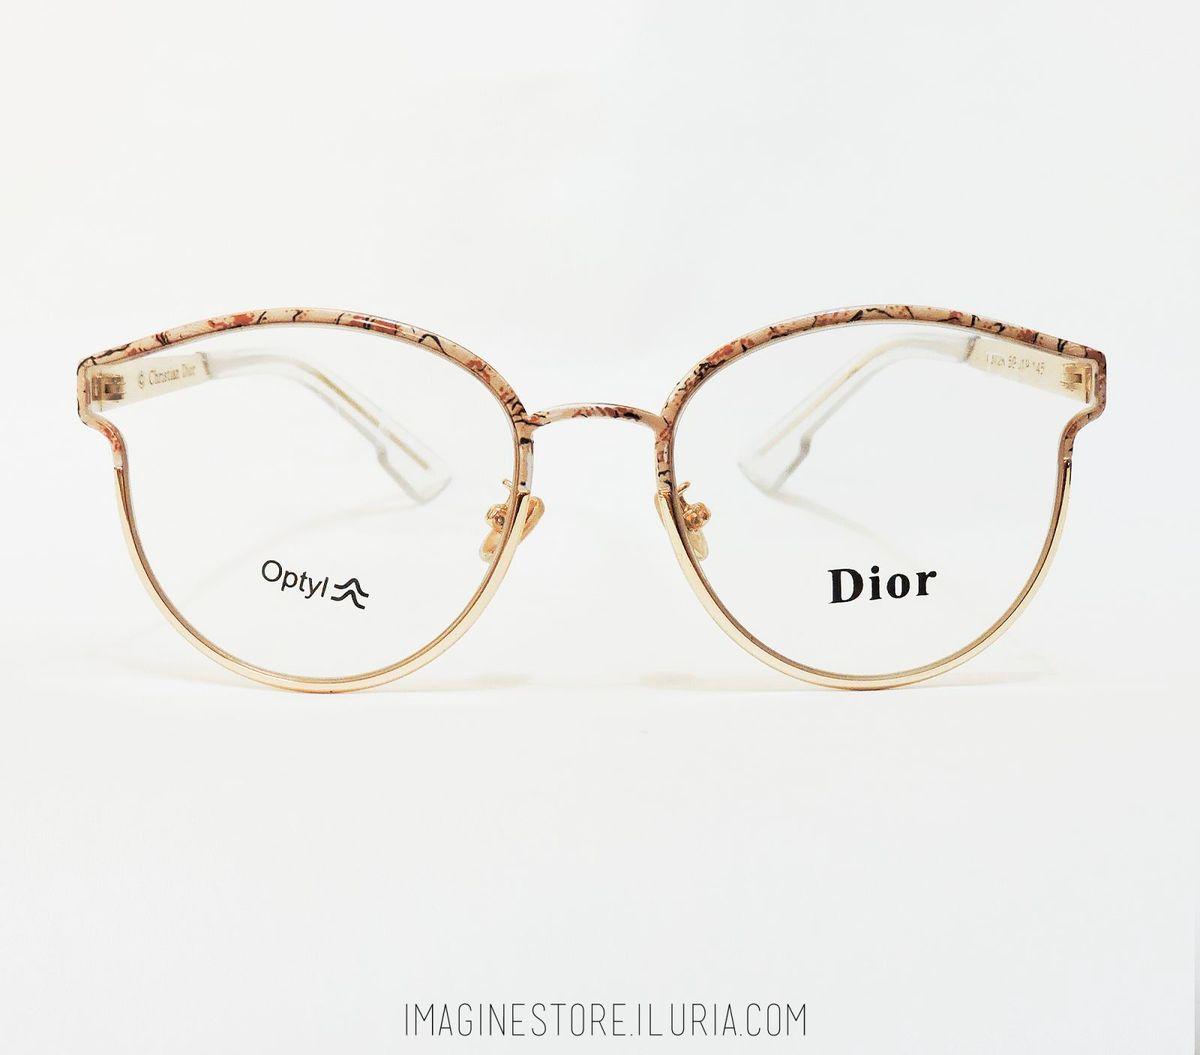 armação de grau dourada - óculos dior.  Czm6ly9wag90b3muzw5qb2vplmnvbs5ici9wcm9kdwn0cy8xmdm5njywl2qyyjrjntfhmjjjnme0odg0mje1nzy5mdq1yzljyjdhlmpwzw d1c4fb3a9d